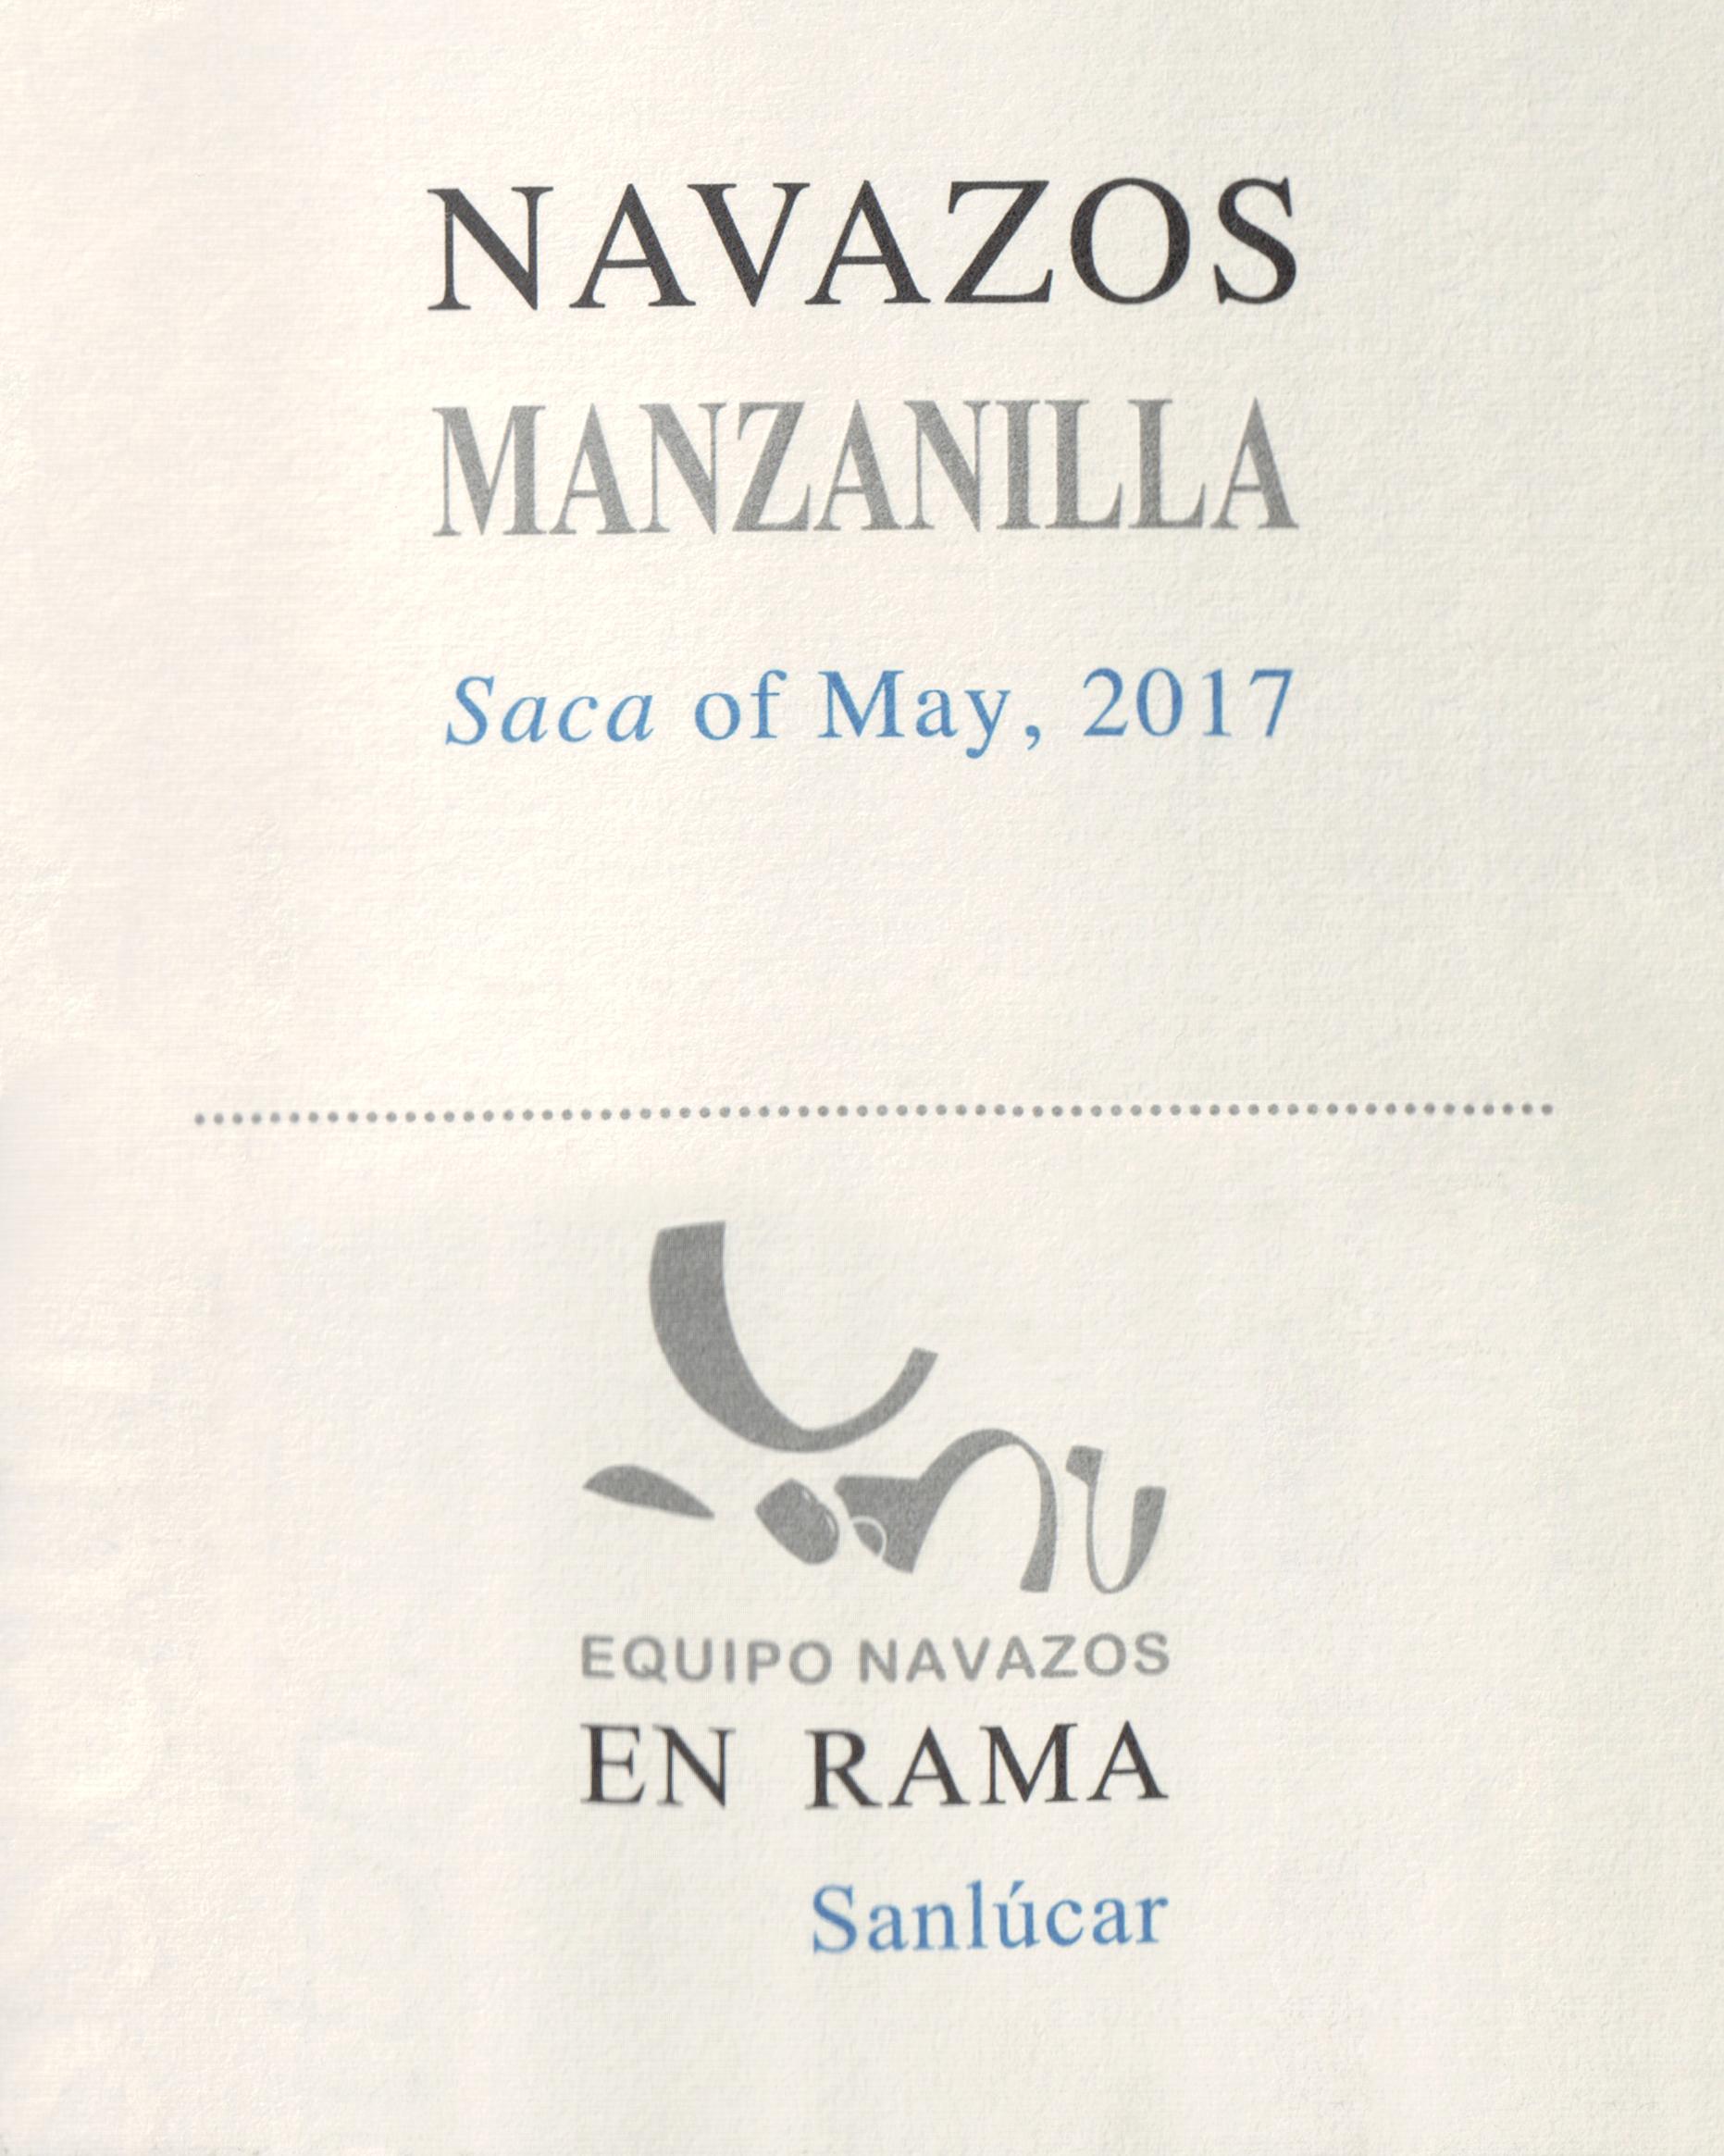 Equipo Navazos La Bota De Manzanilla En Rama